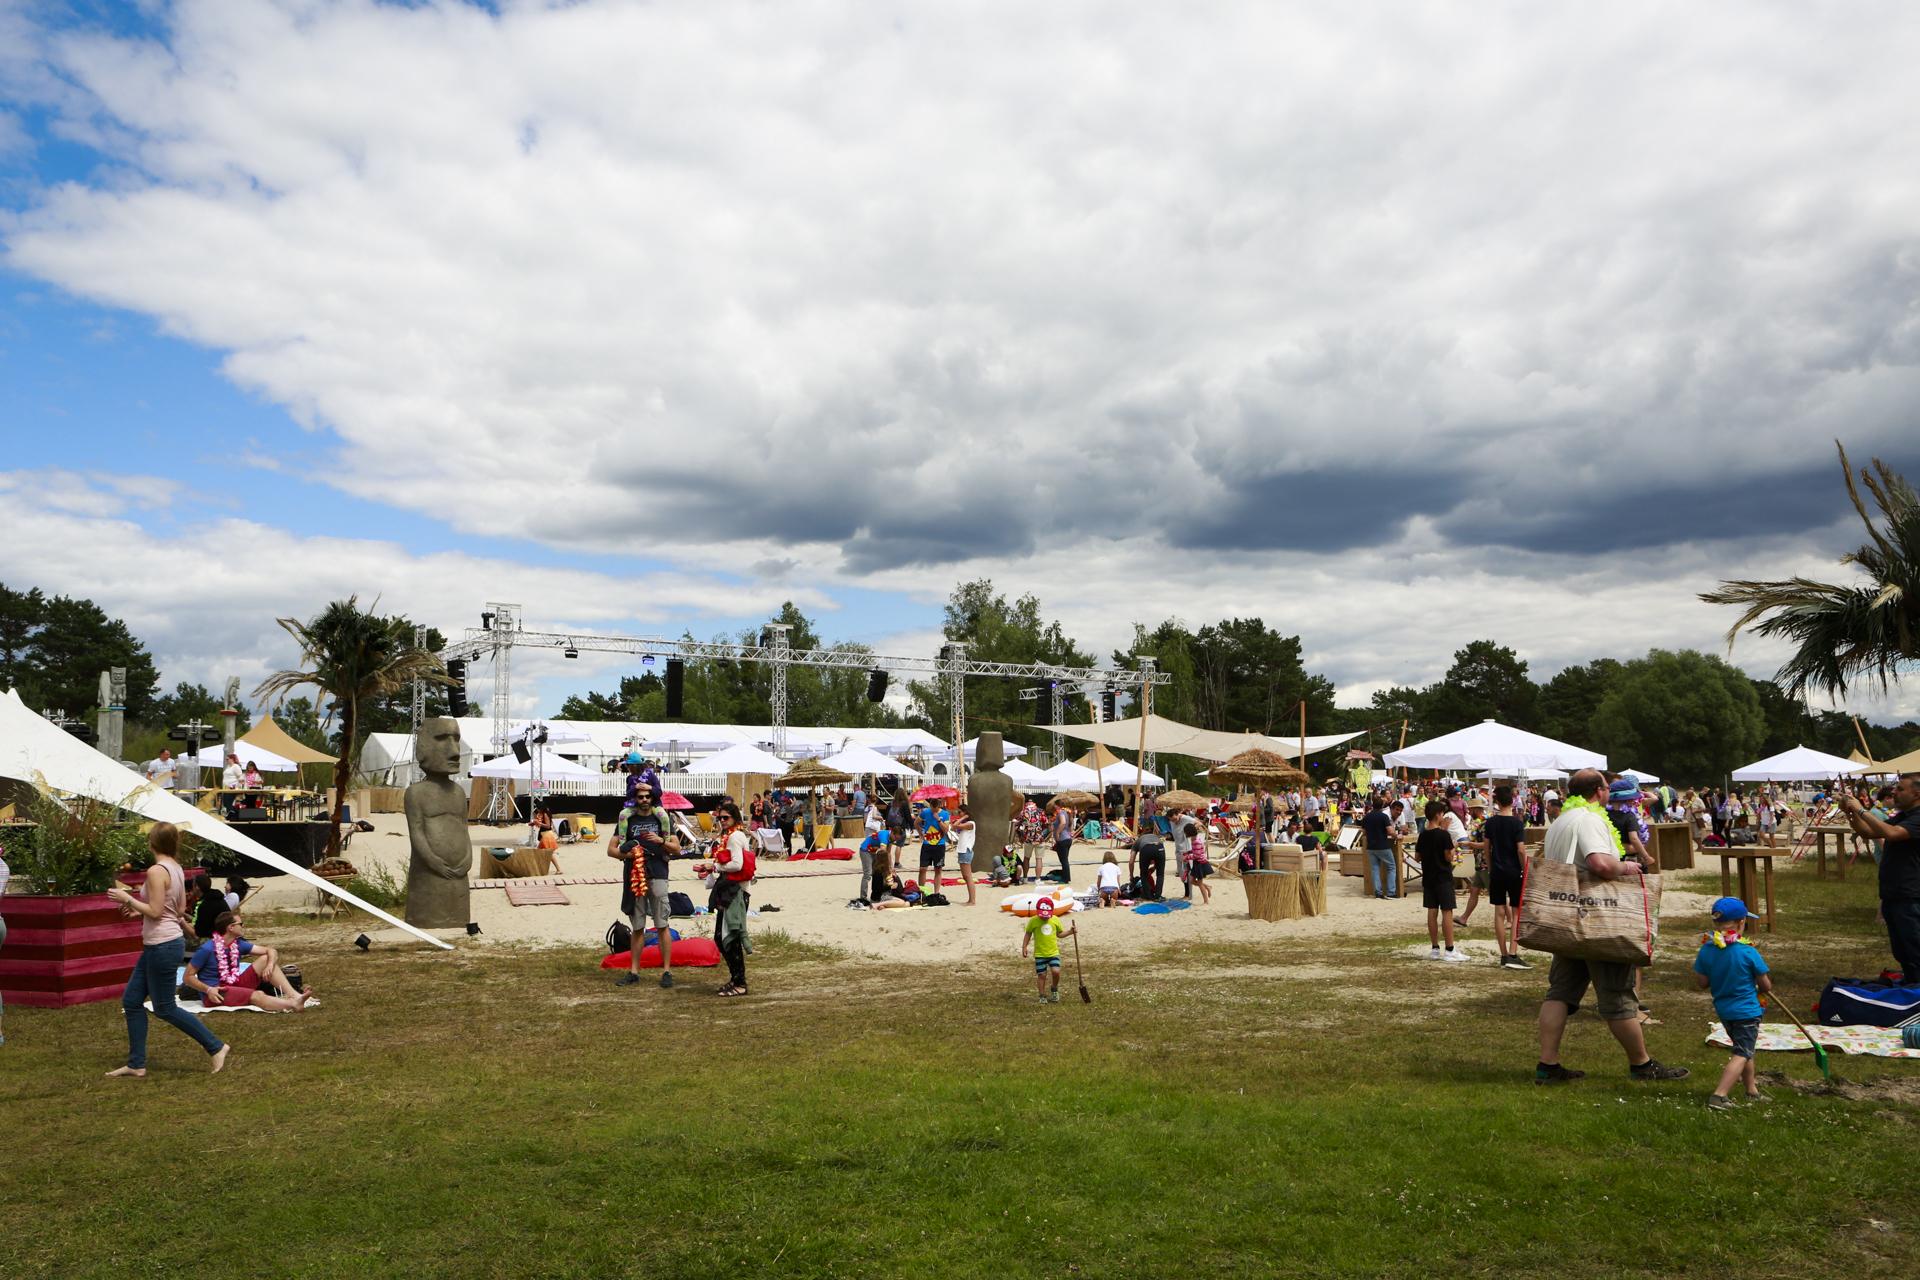 AVM Computersysteme Sommerfest 2018 by Prio Event Management am Bersteinsee in Brandenburg